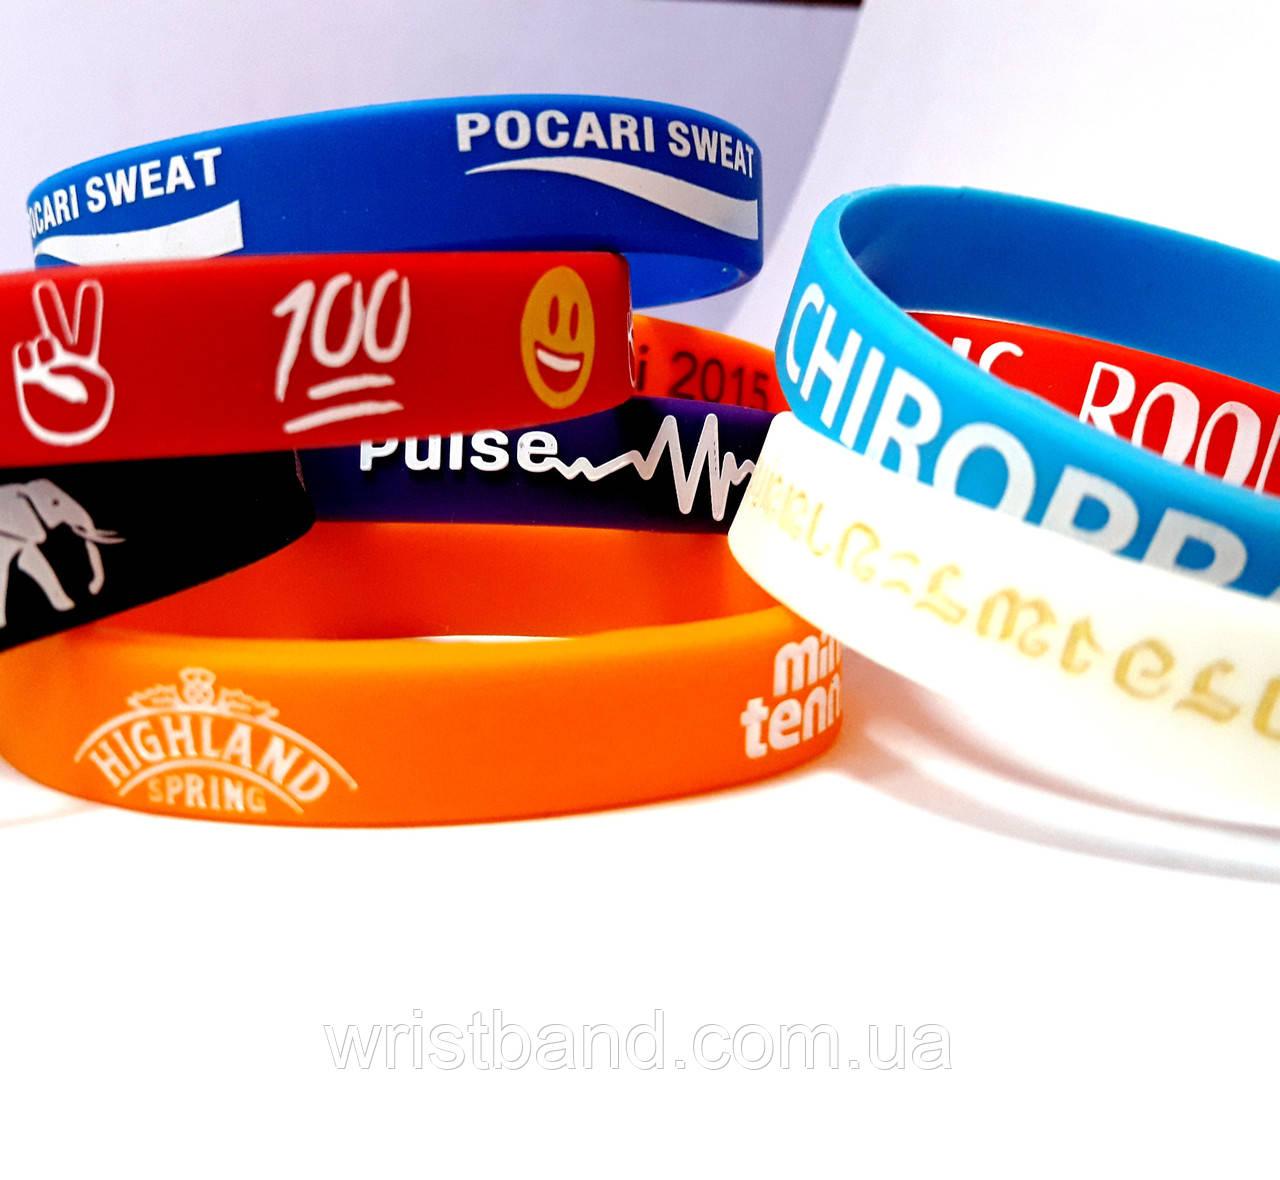 6d7e642f Силиконовые браслеты с логотипом - Wristband - удобные контрольные браслеты  в Харькове